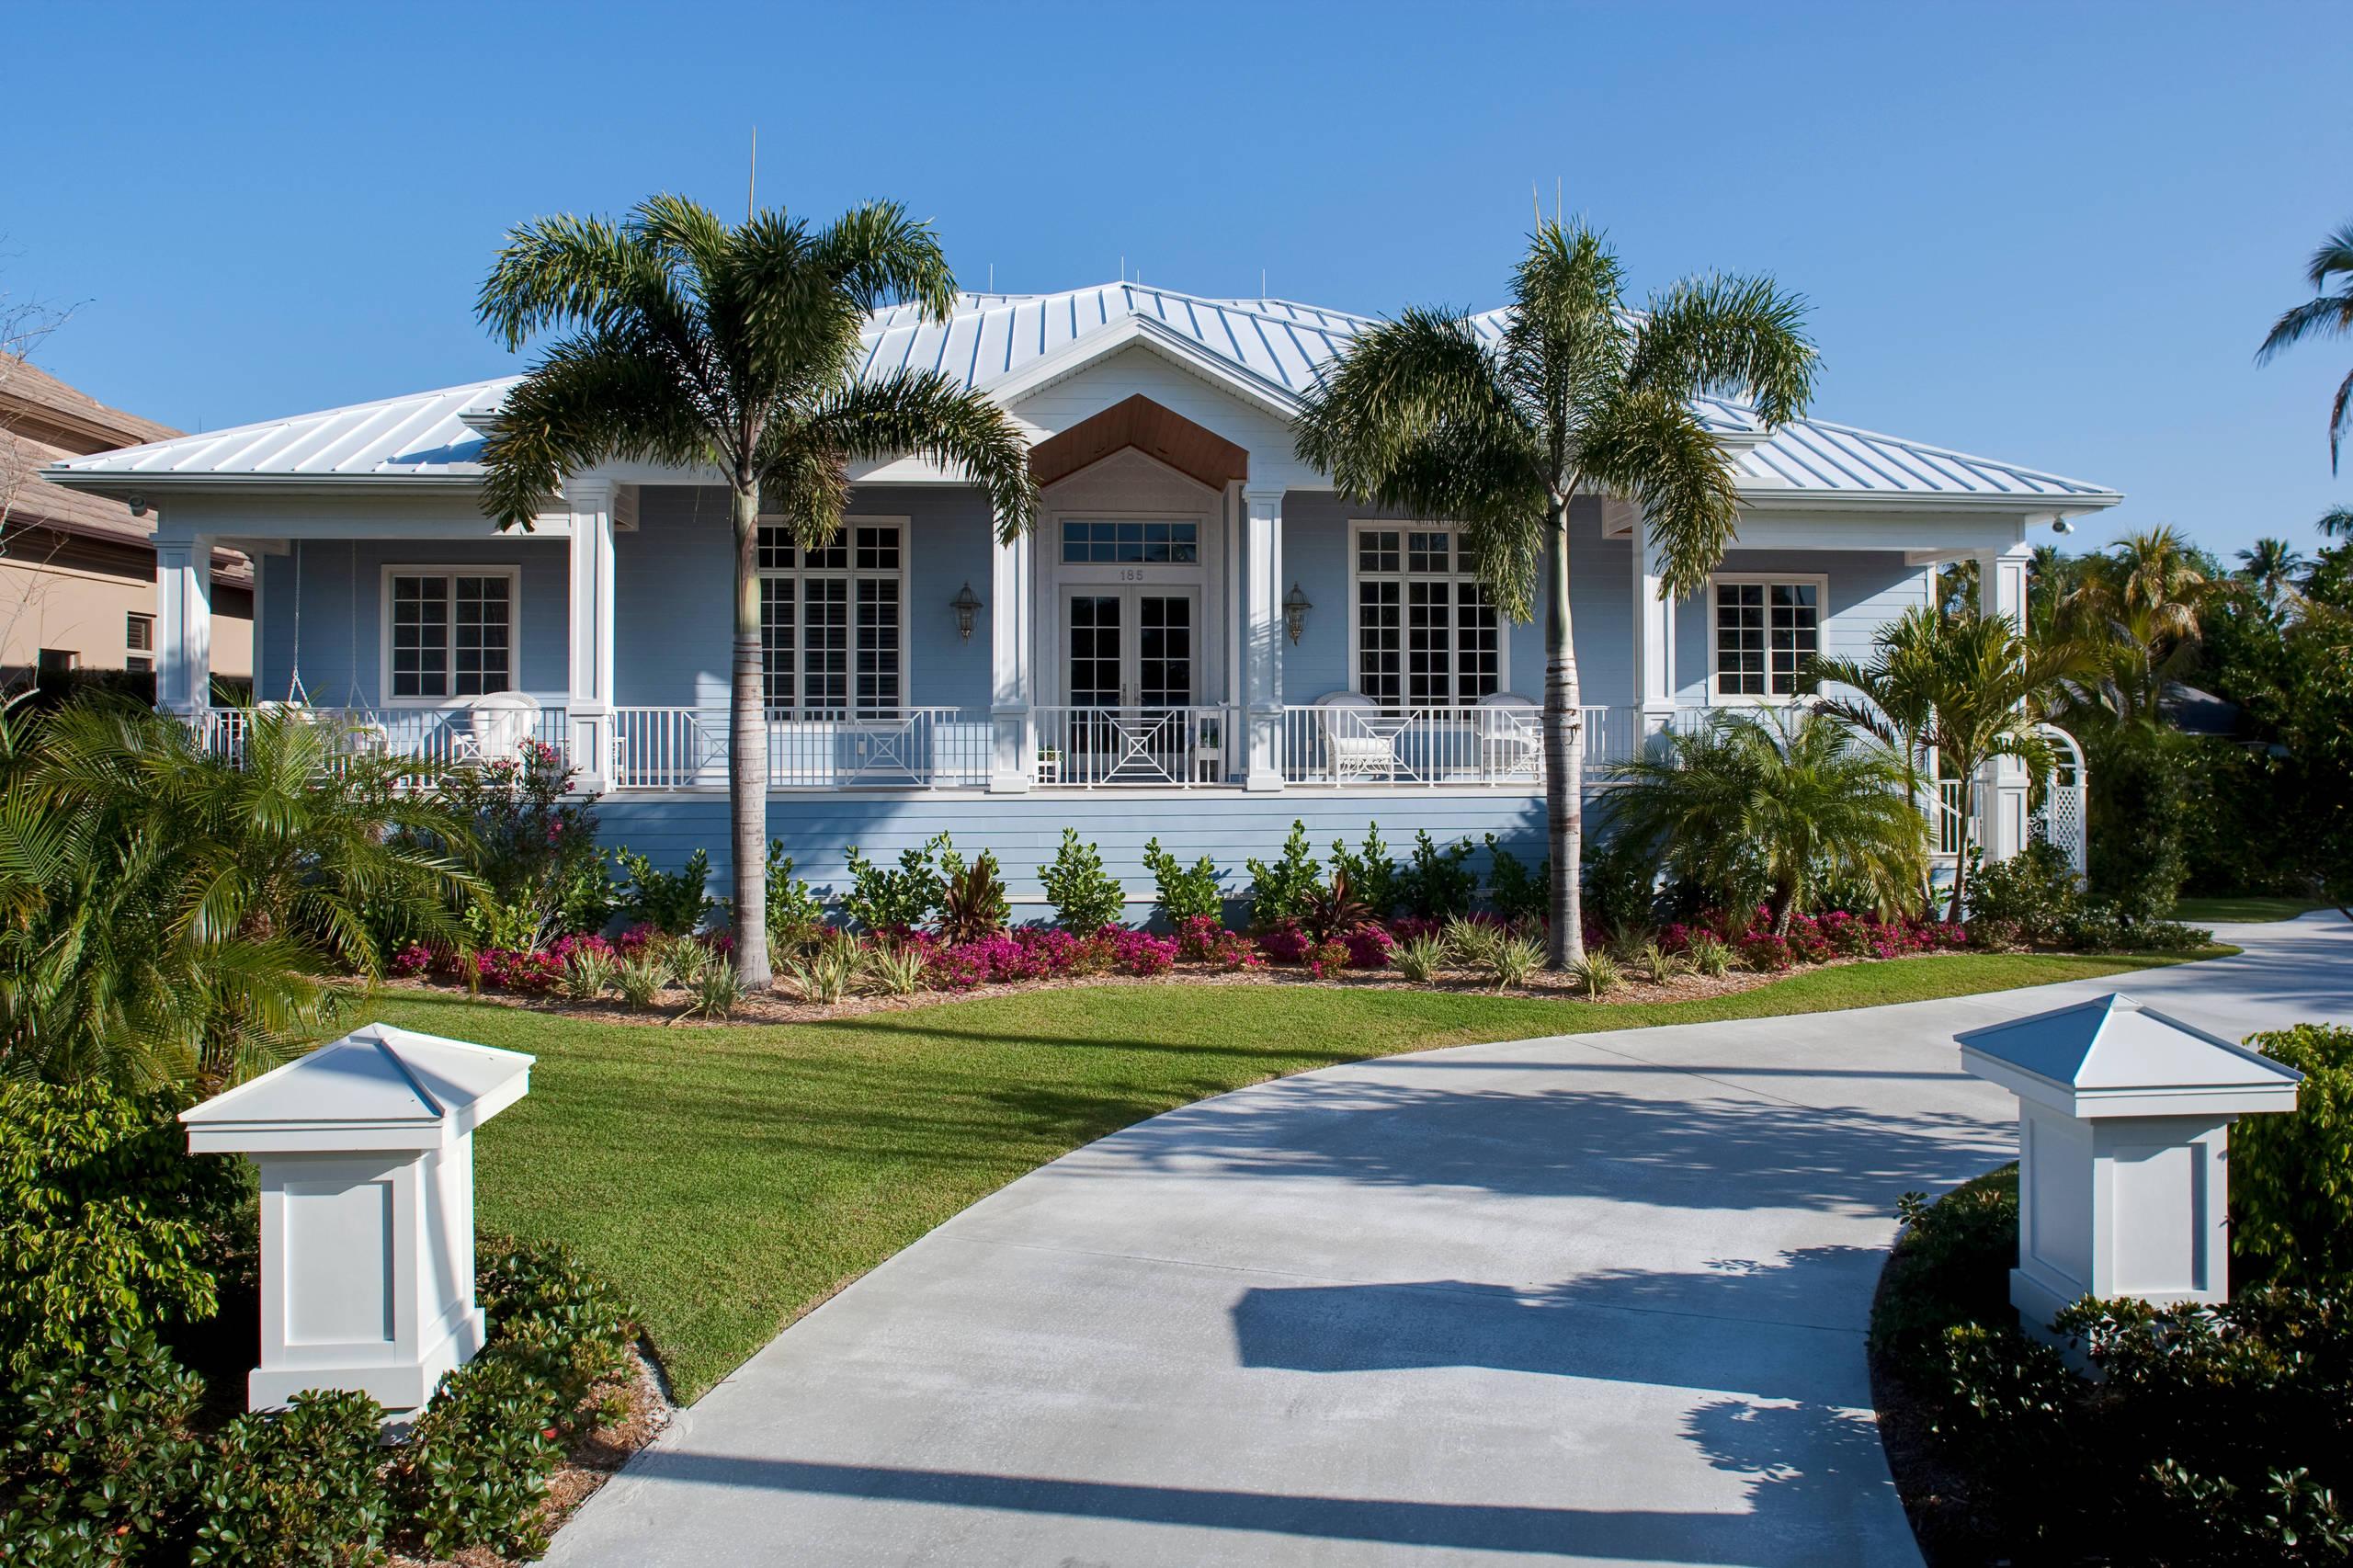 Certified Luxury Builders - 41 West - Old Naples Custom Home